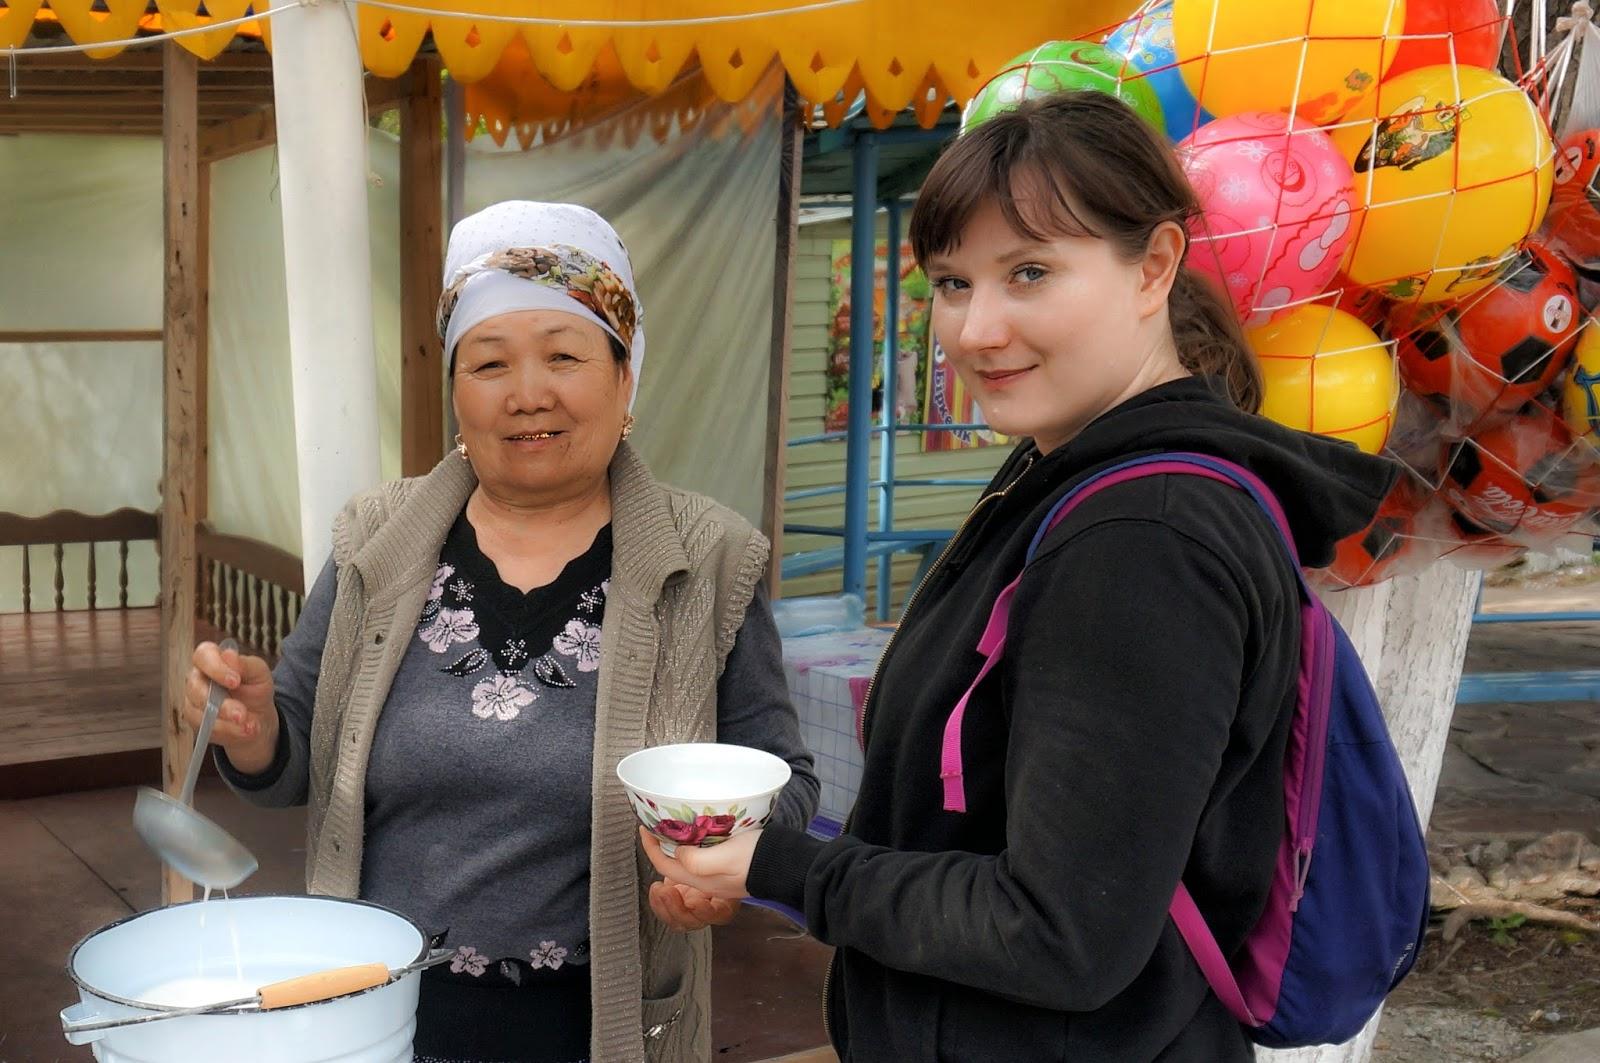 wyprawa do Kazachstanu, co zobaczyć w Kazachstanie, Kazachstan ciekawostki, zwiedzanie Kazachstanu, Kazachstan kumys